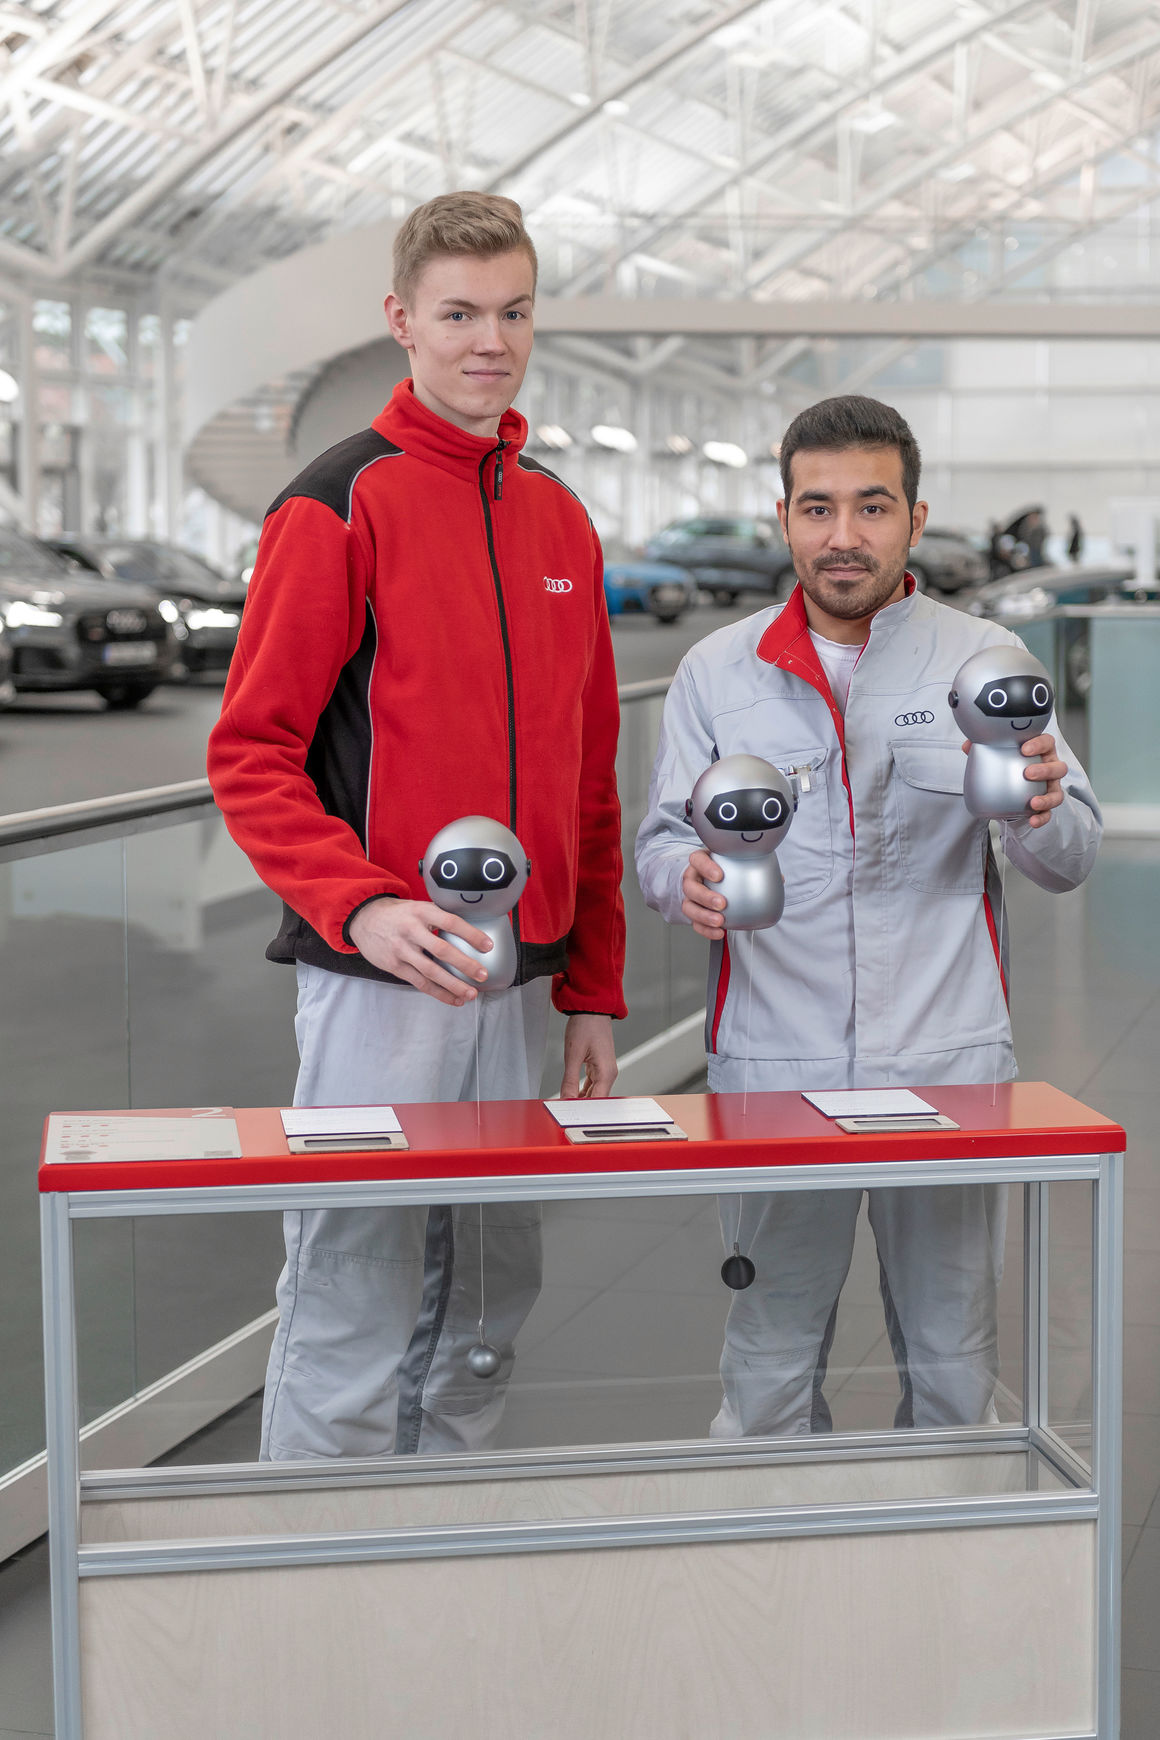 ADUI-Expedition im Audi Forum Ingolstadt:  Audi-Azubis gestalten Mitmachaktion für Kinder